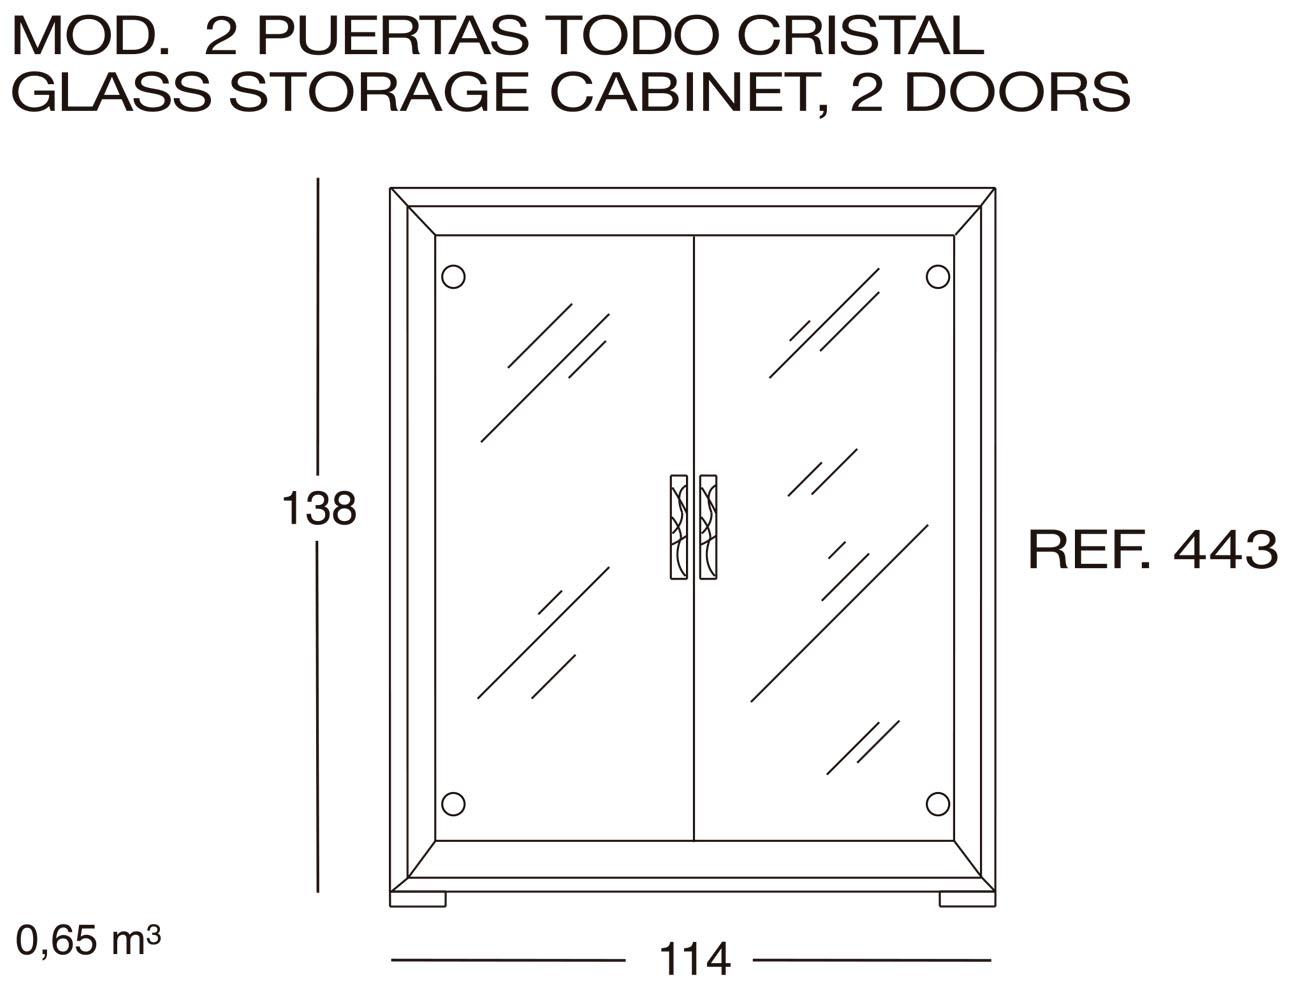 Modulo 2 puertas todo cristal 443